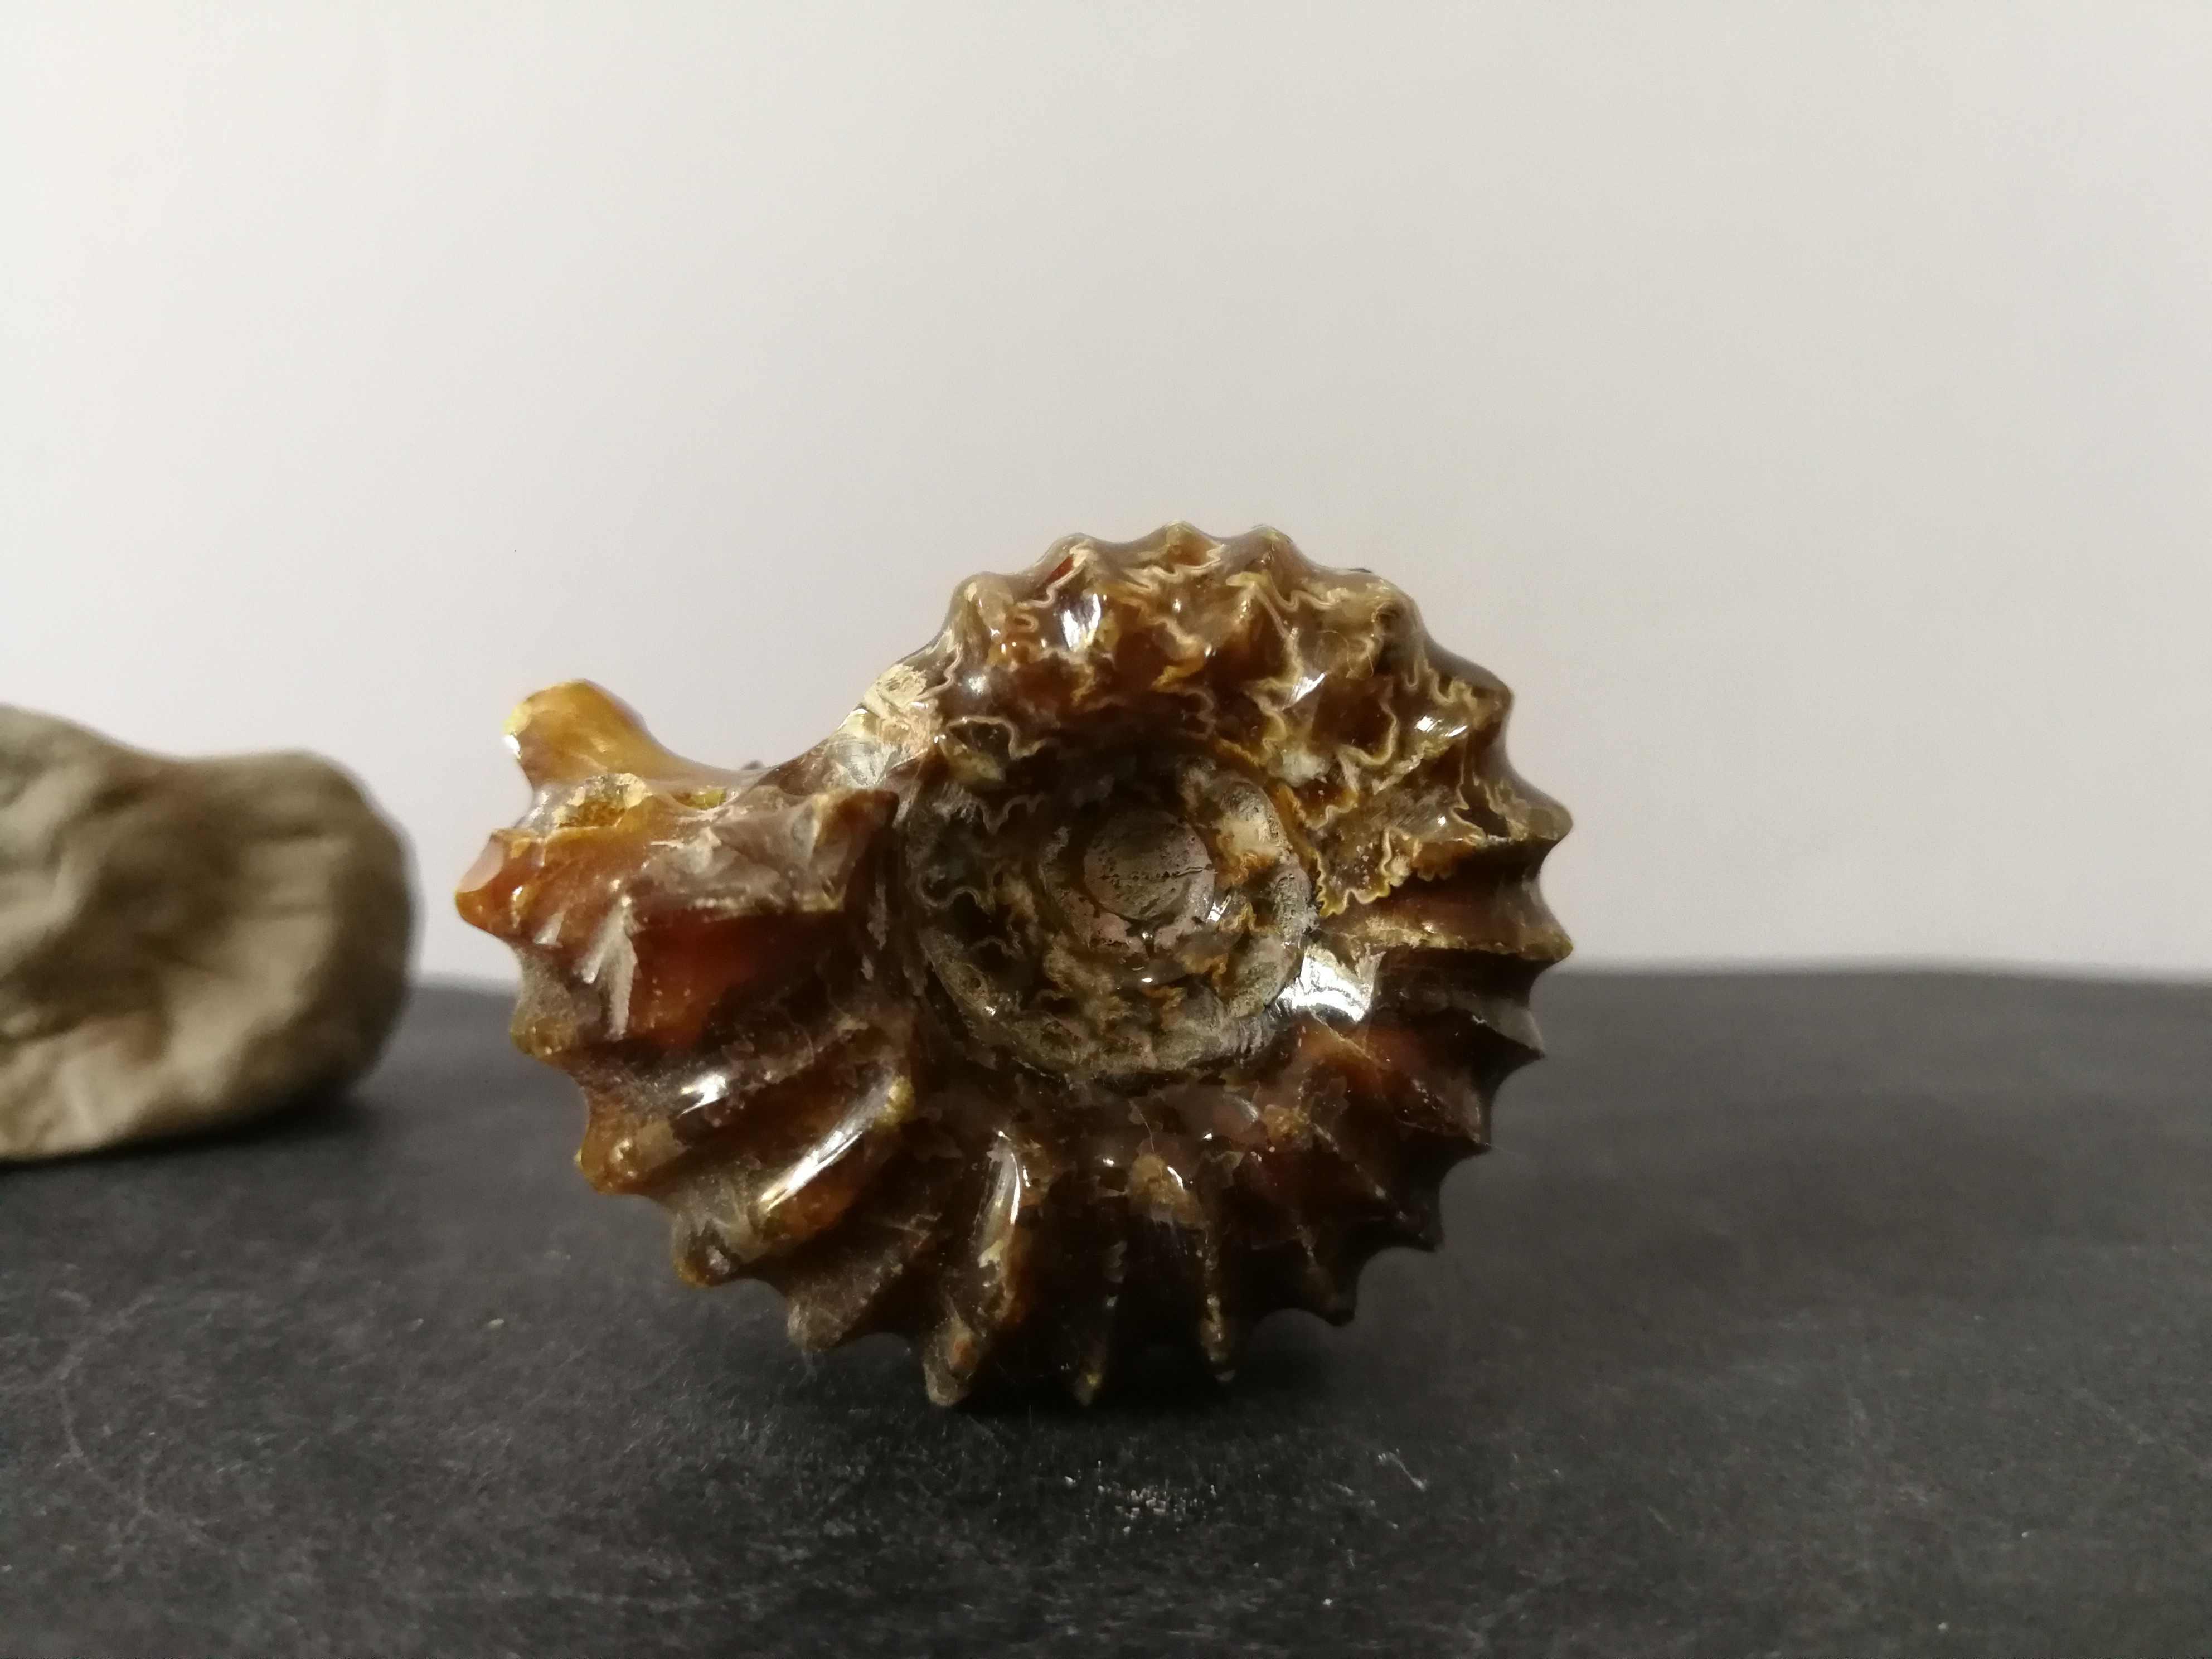 44.5 Gnatural Ammonite, Kristal Kuarsa Spesimen Energi Penyembuhan